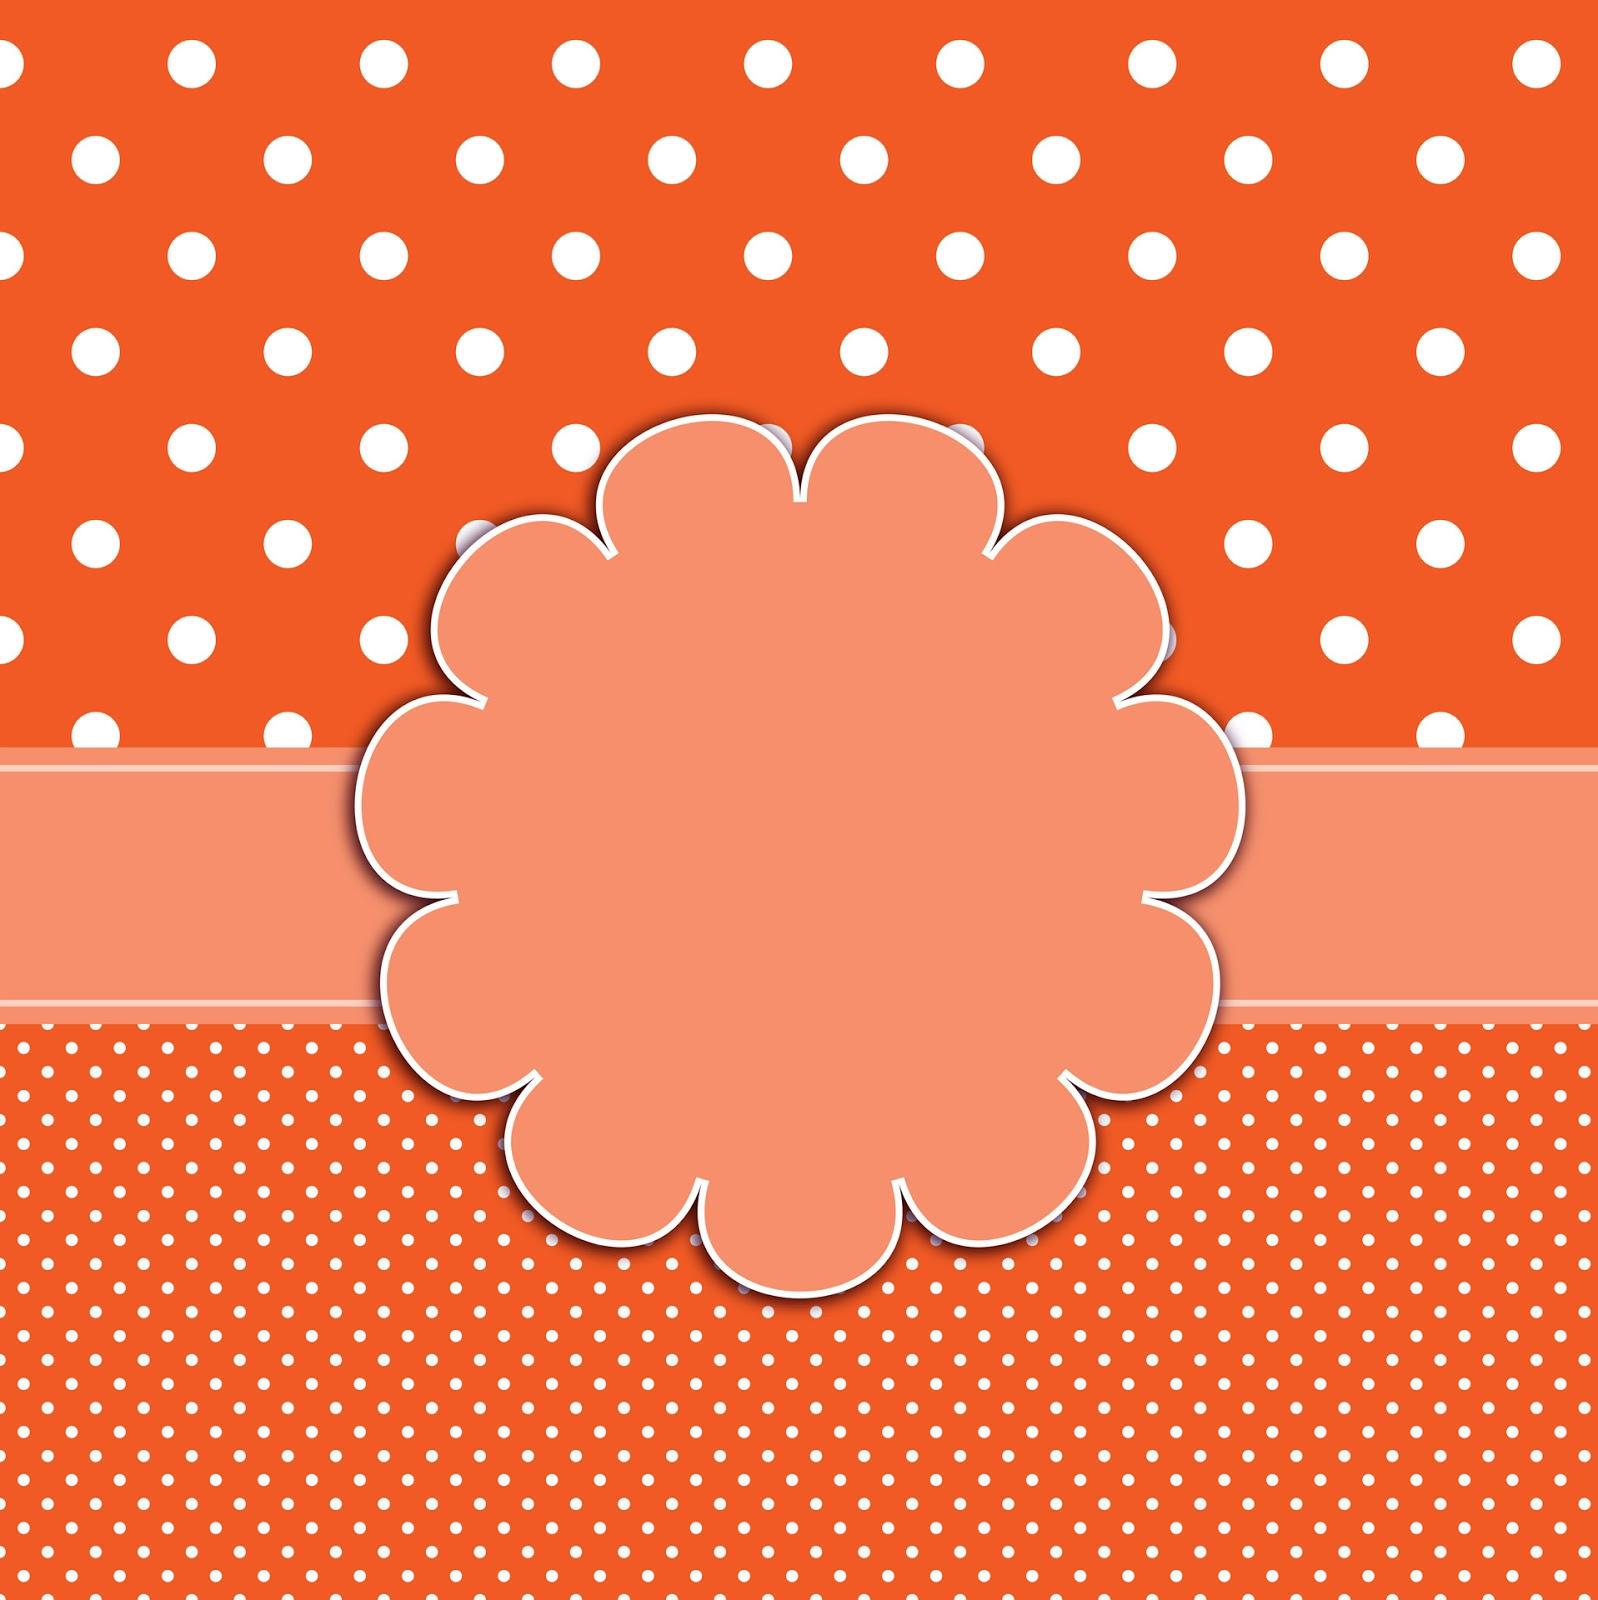 polkadots: PolkaDot Backgrounds